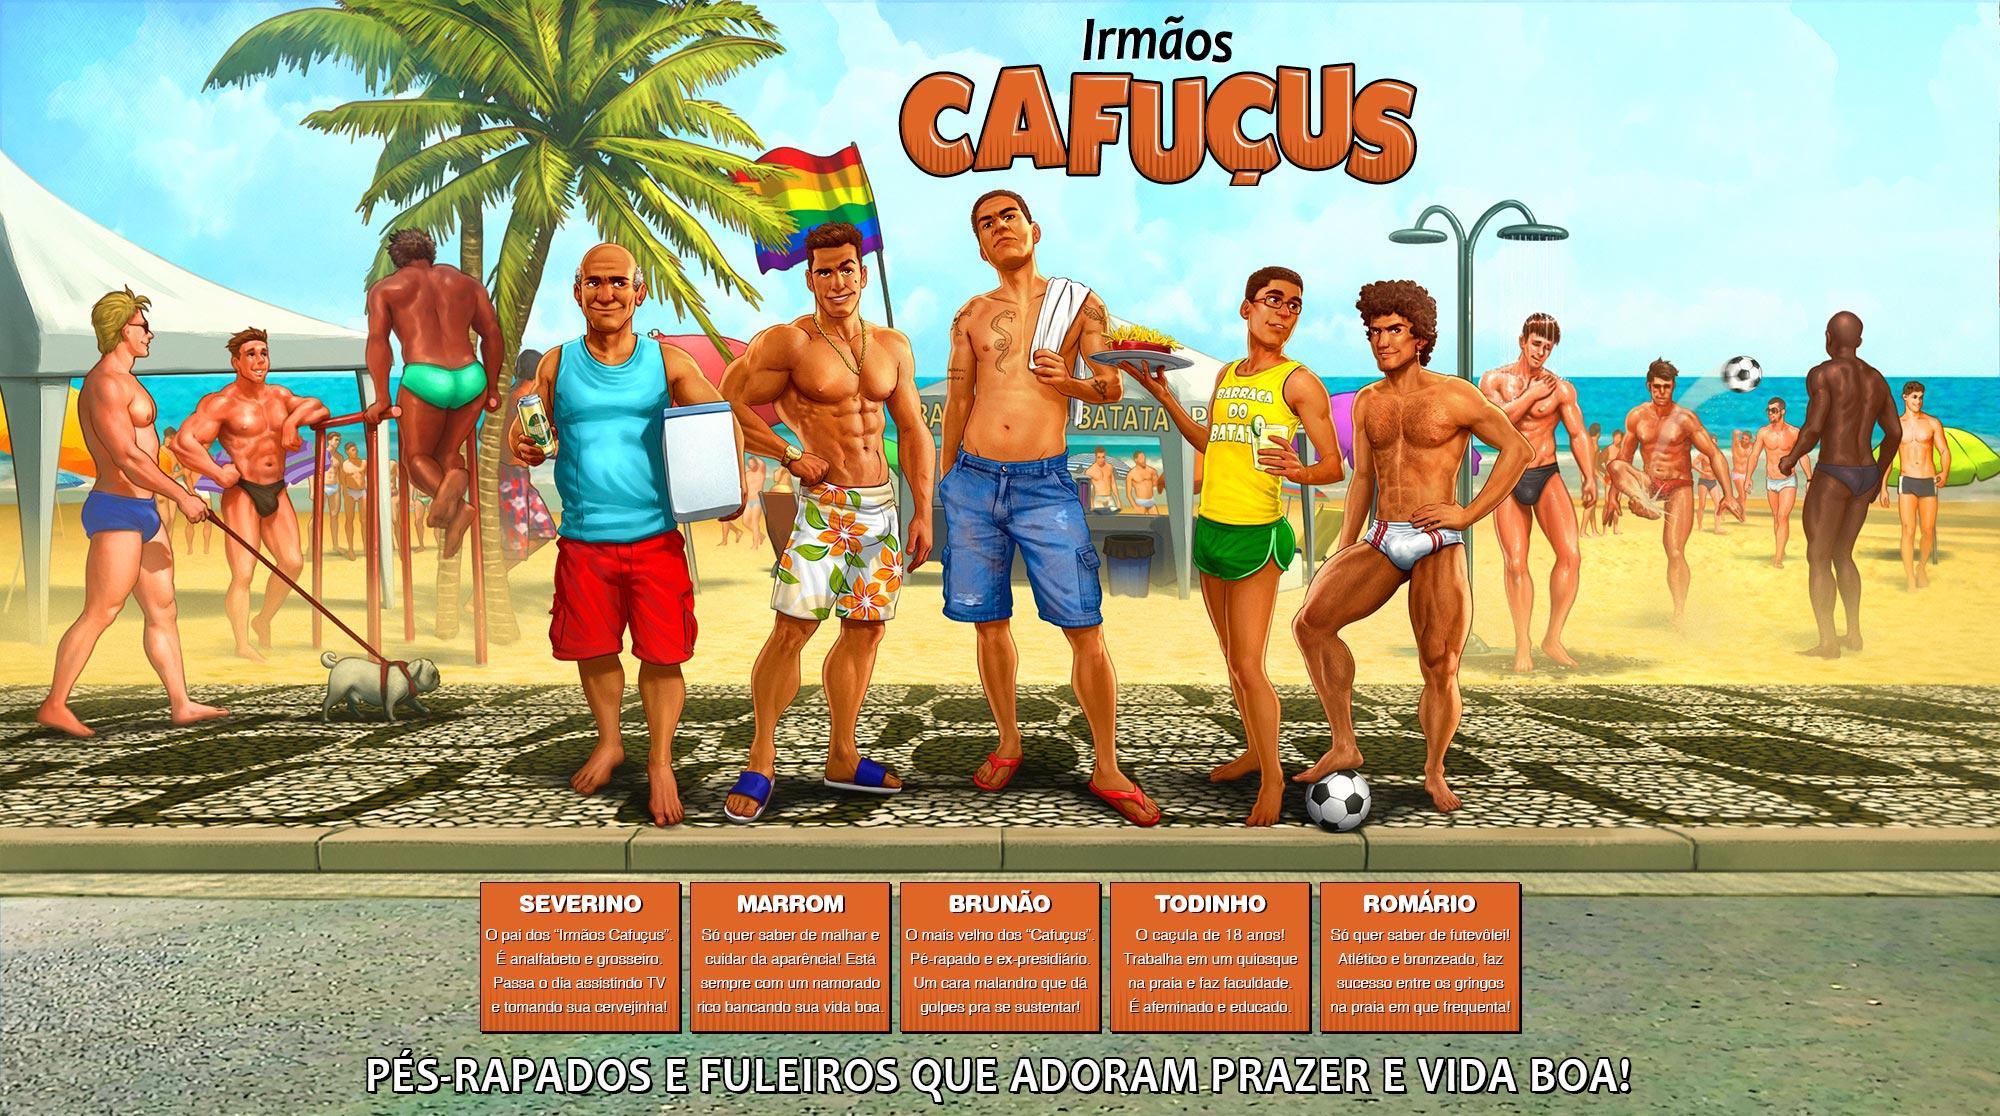 Irmãos Cafuçus - header